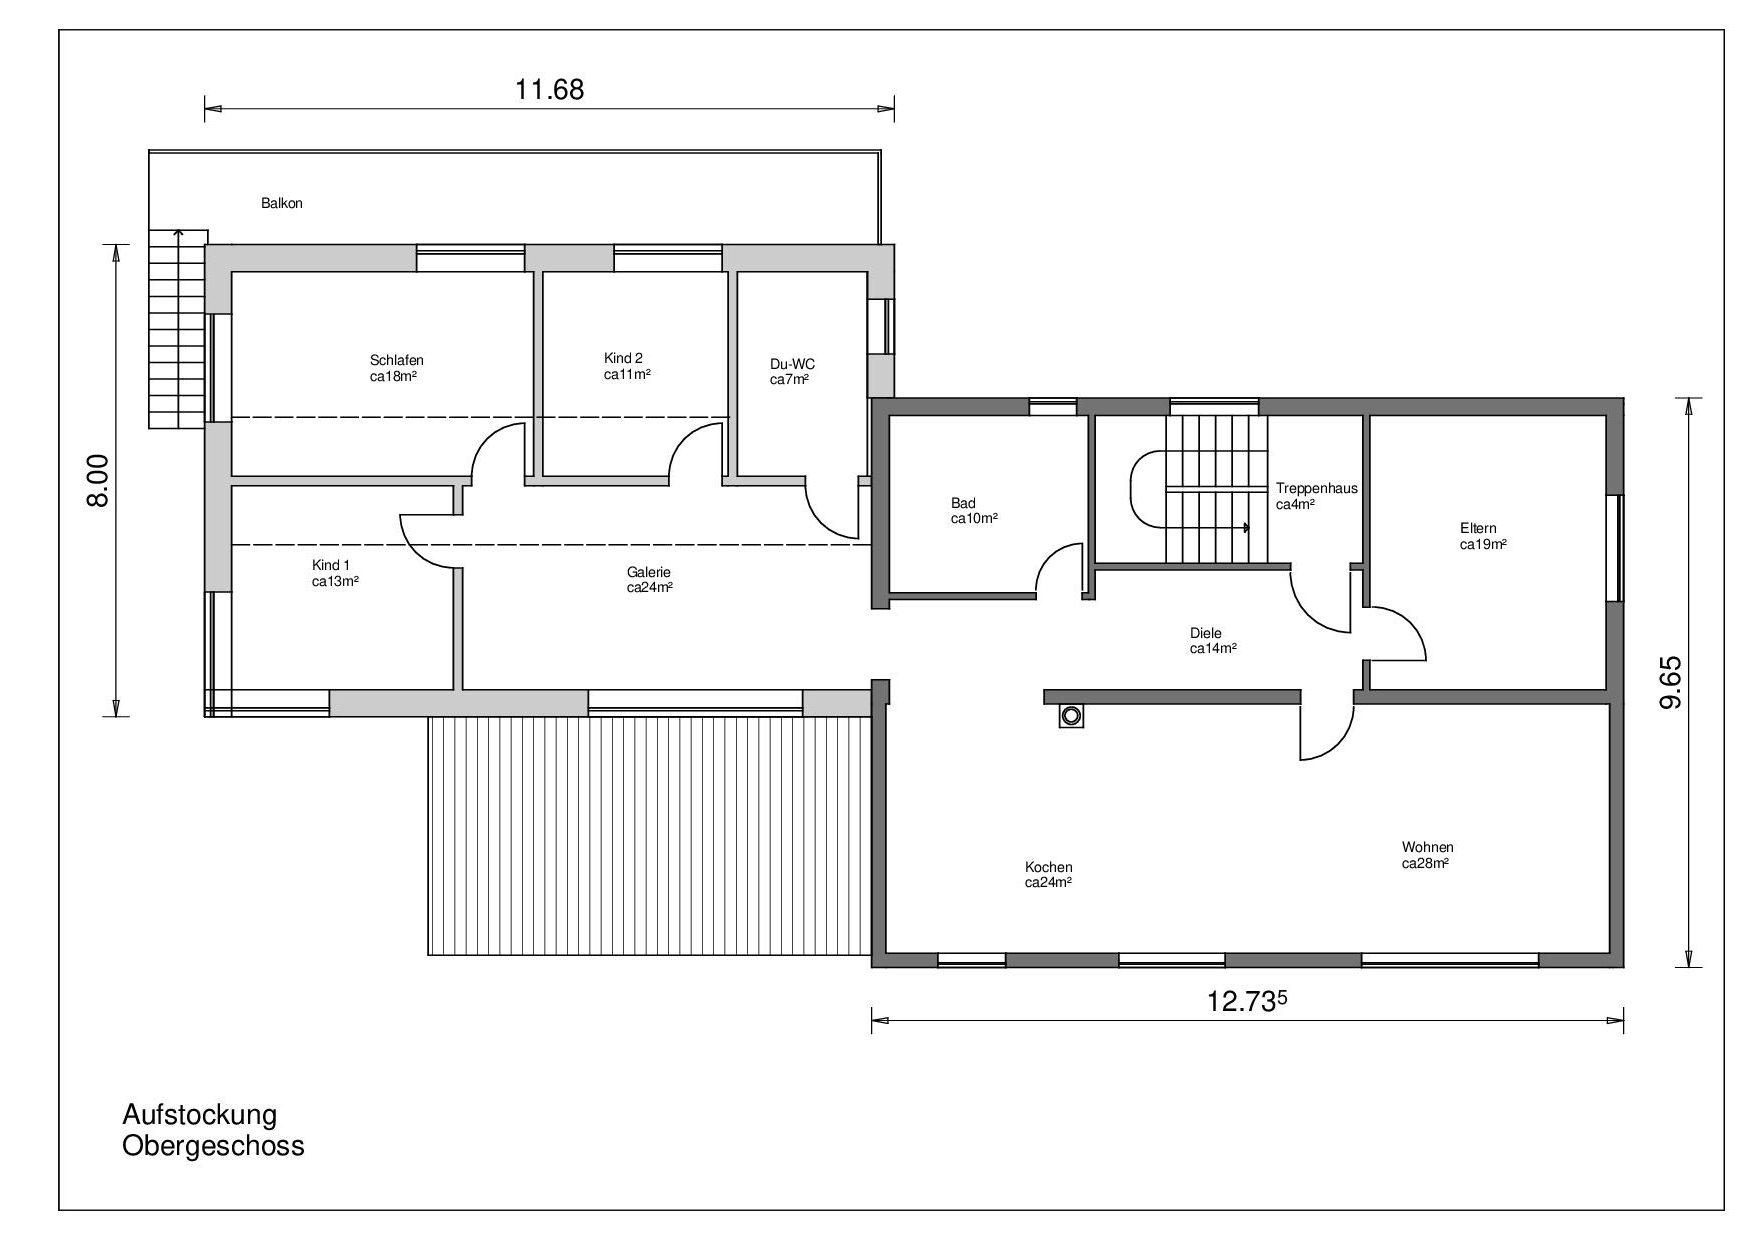 Link zum Planungsdetail Aufstockung Obergeschoss